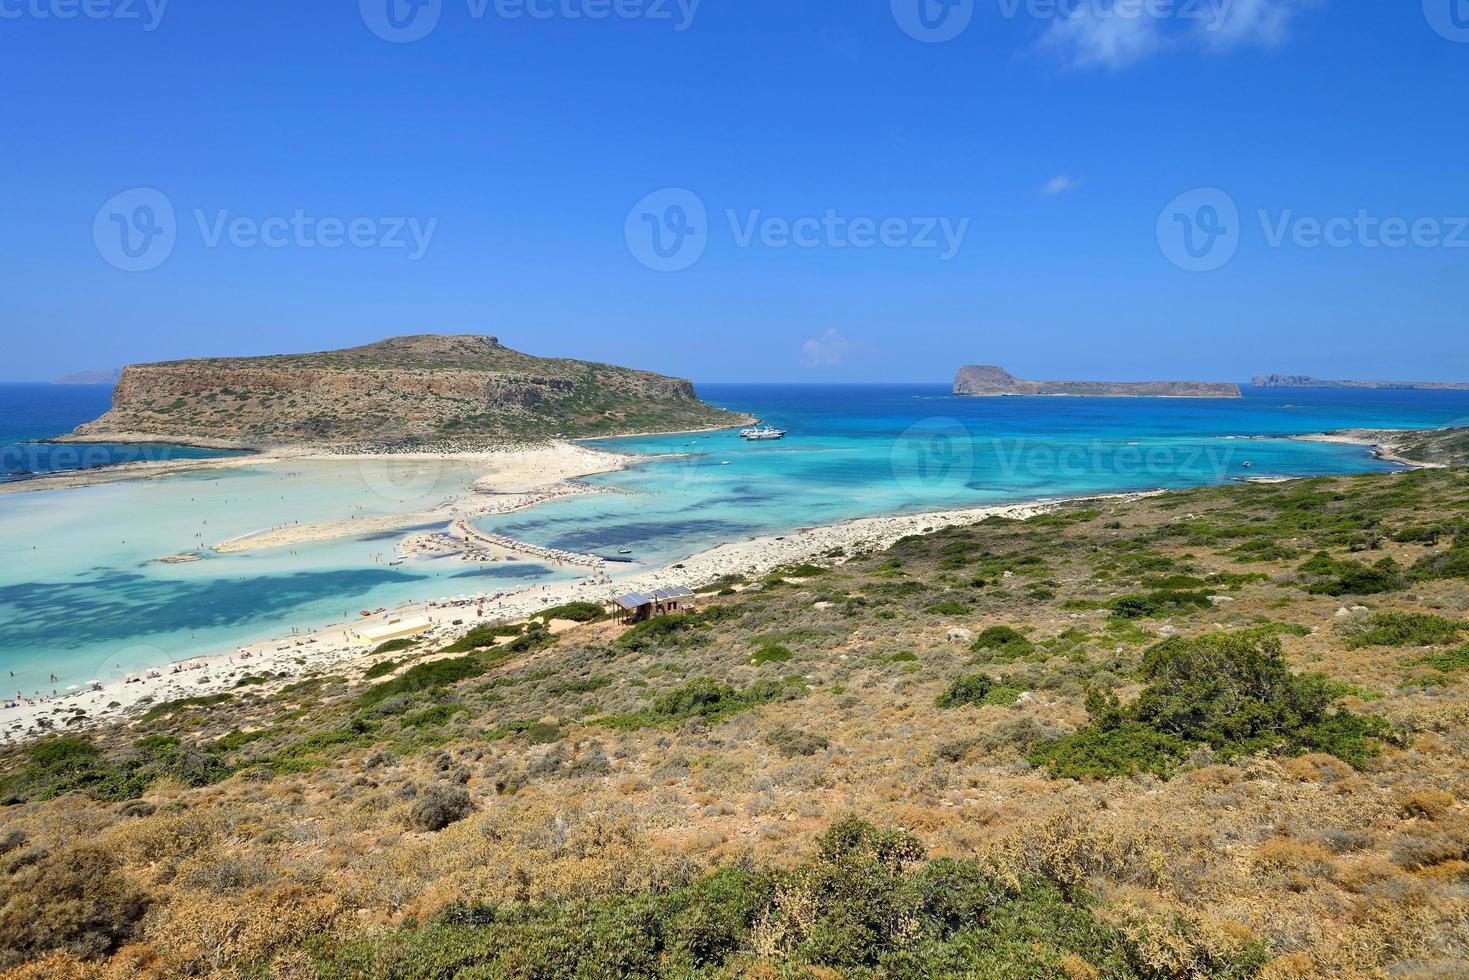 panorama de balos lagoonon creta, grécia foto